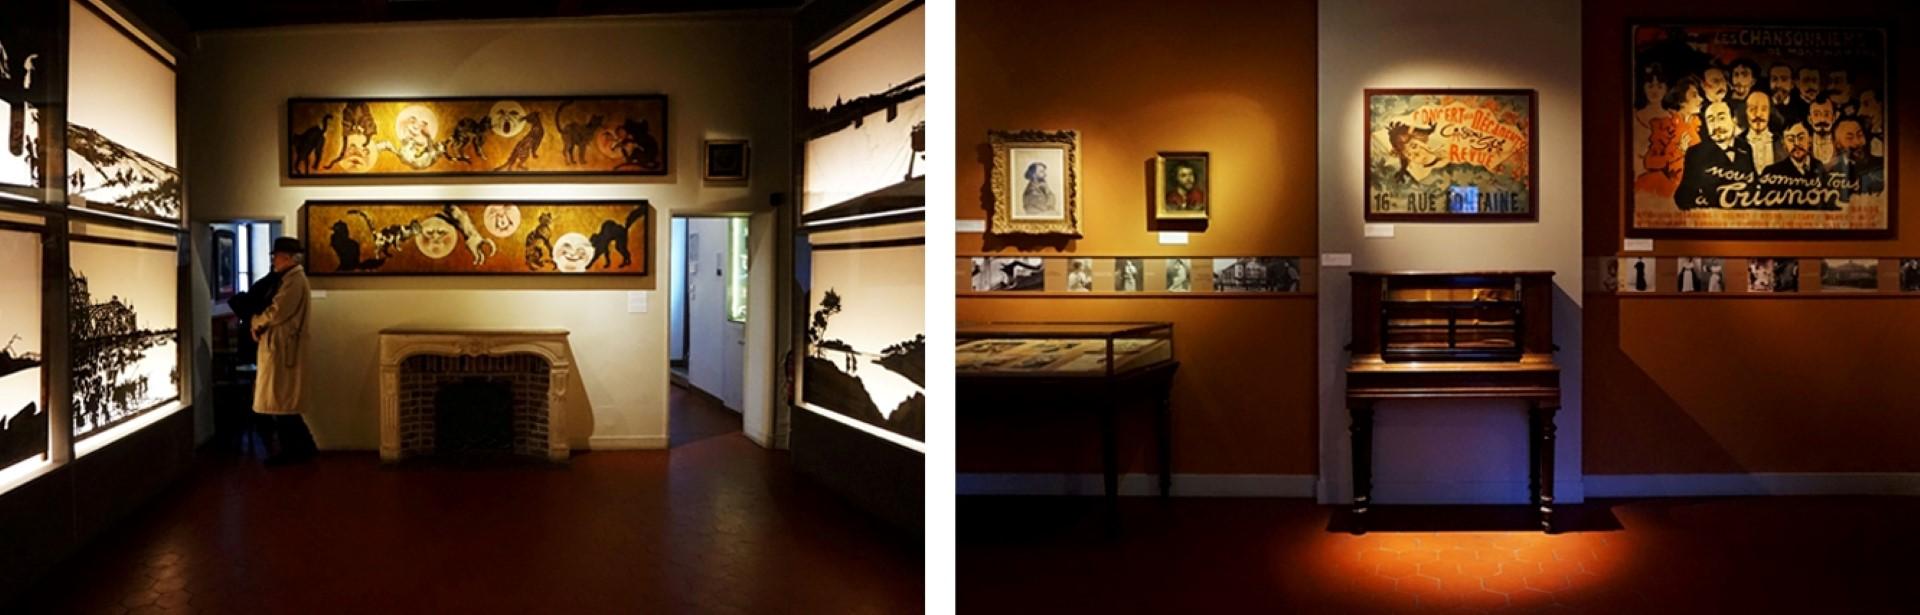 Musée de Montmartre, Maison du Bel Air - Paris 18e